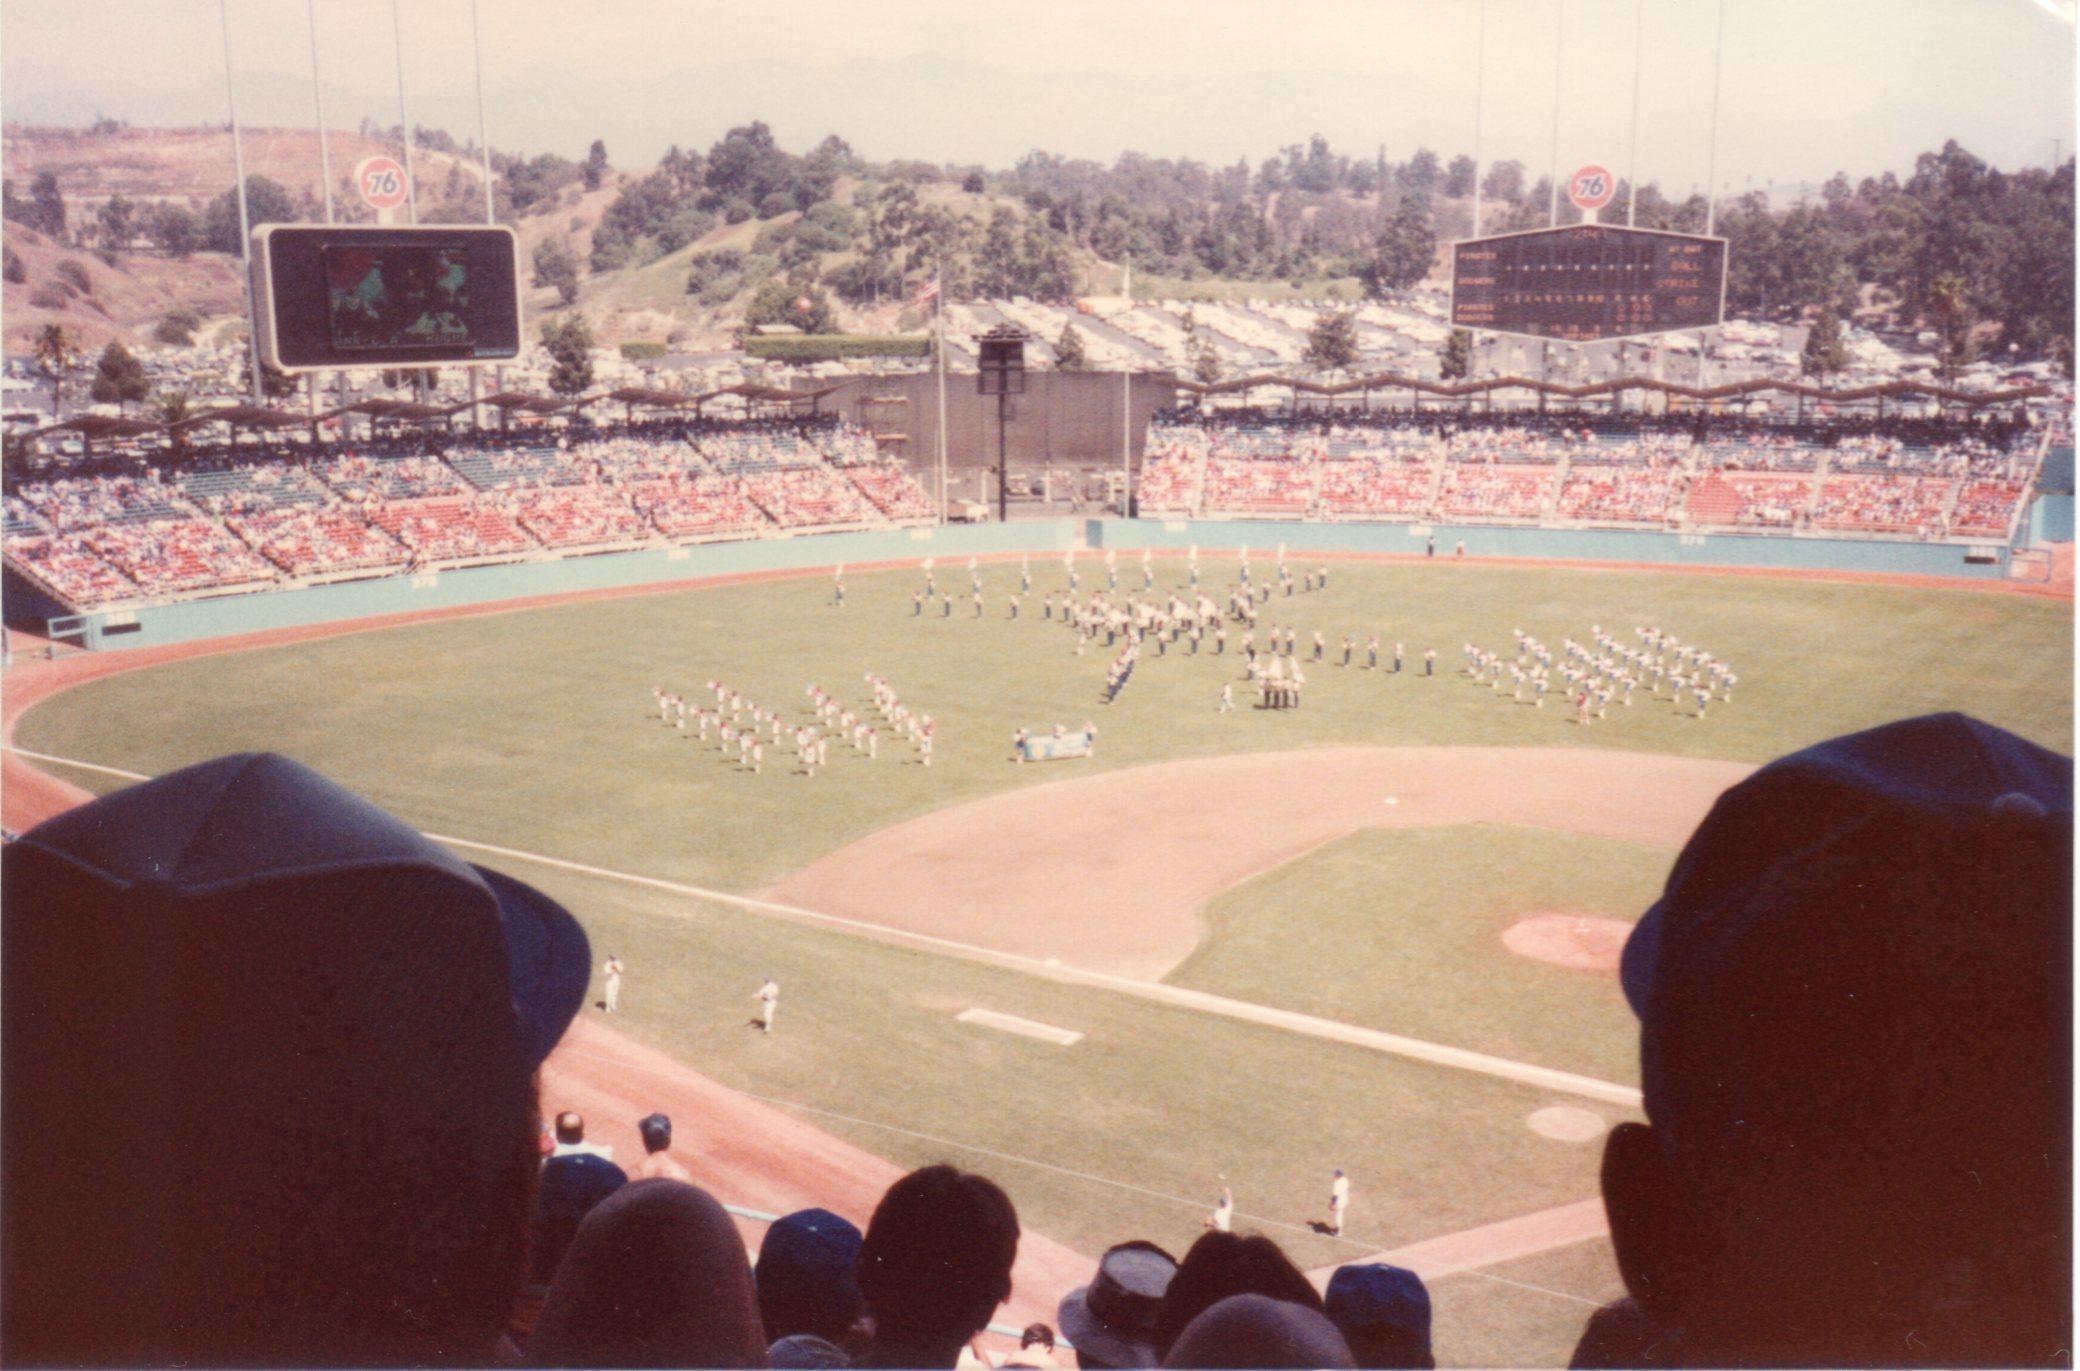 ドジャースタジアム 1982年9月5日539